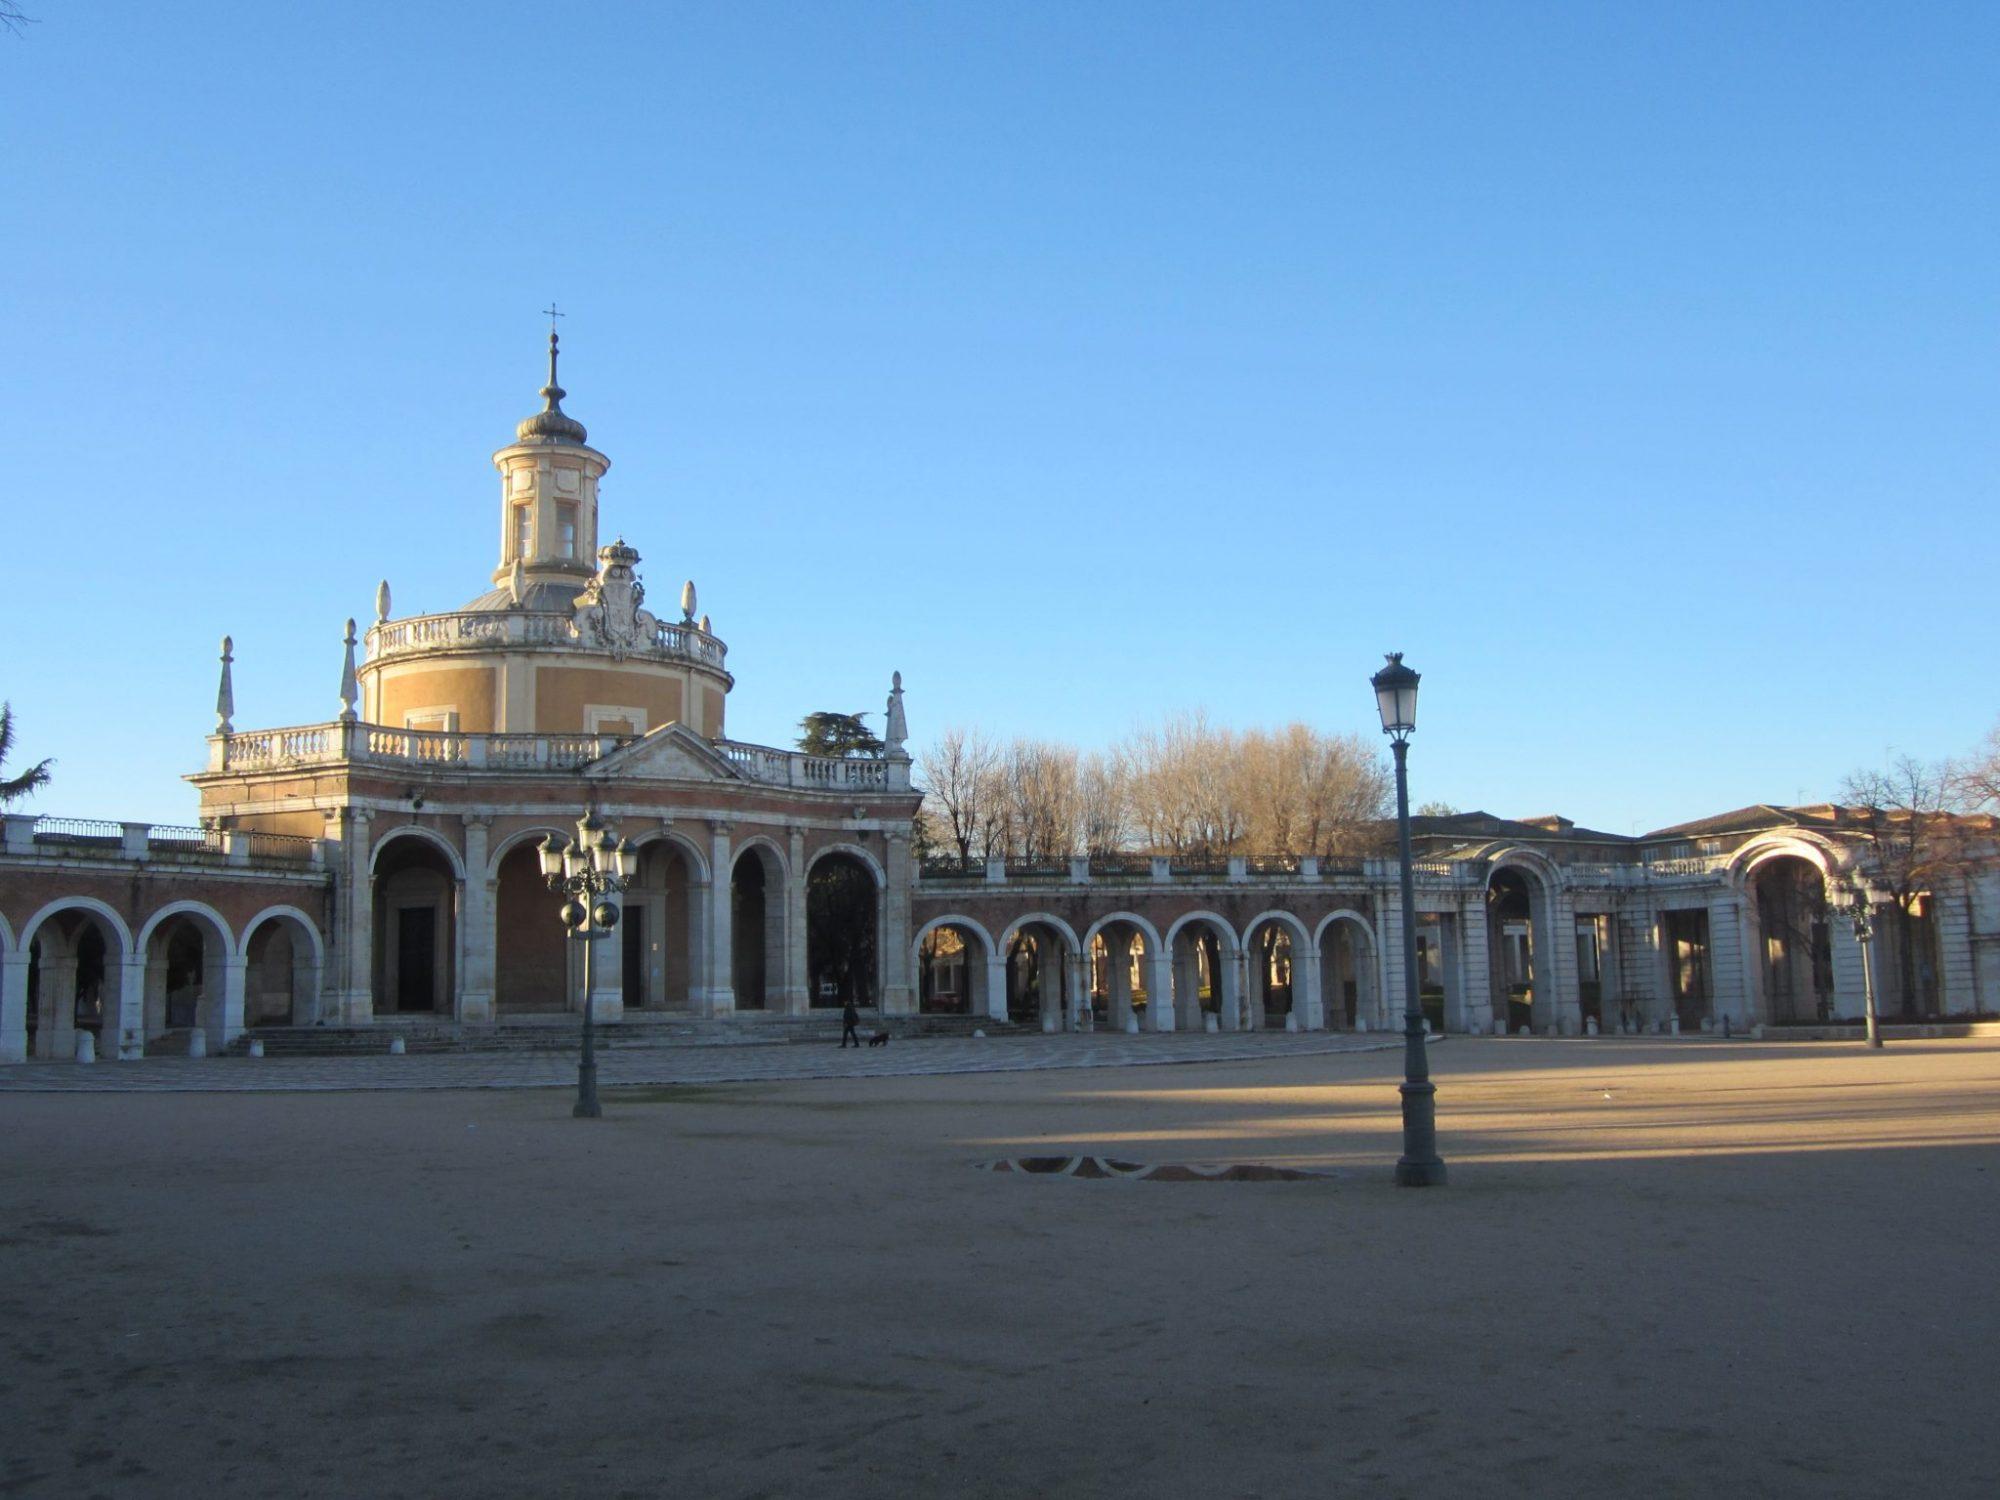 Palacio real de aranjuez y el jard n del pr ncipe madrid - Oficina de turismo de aranjuez ...